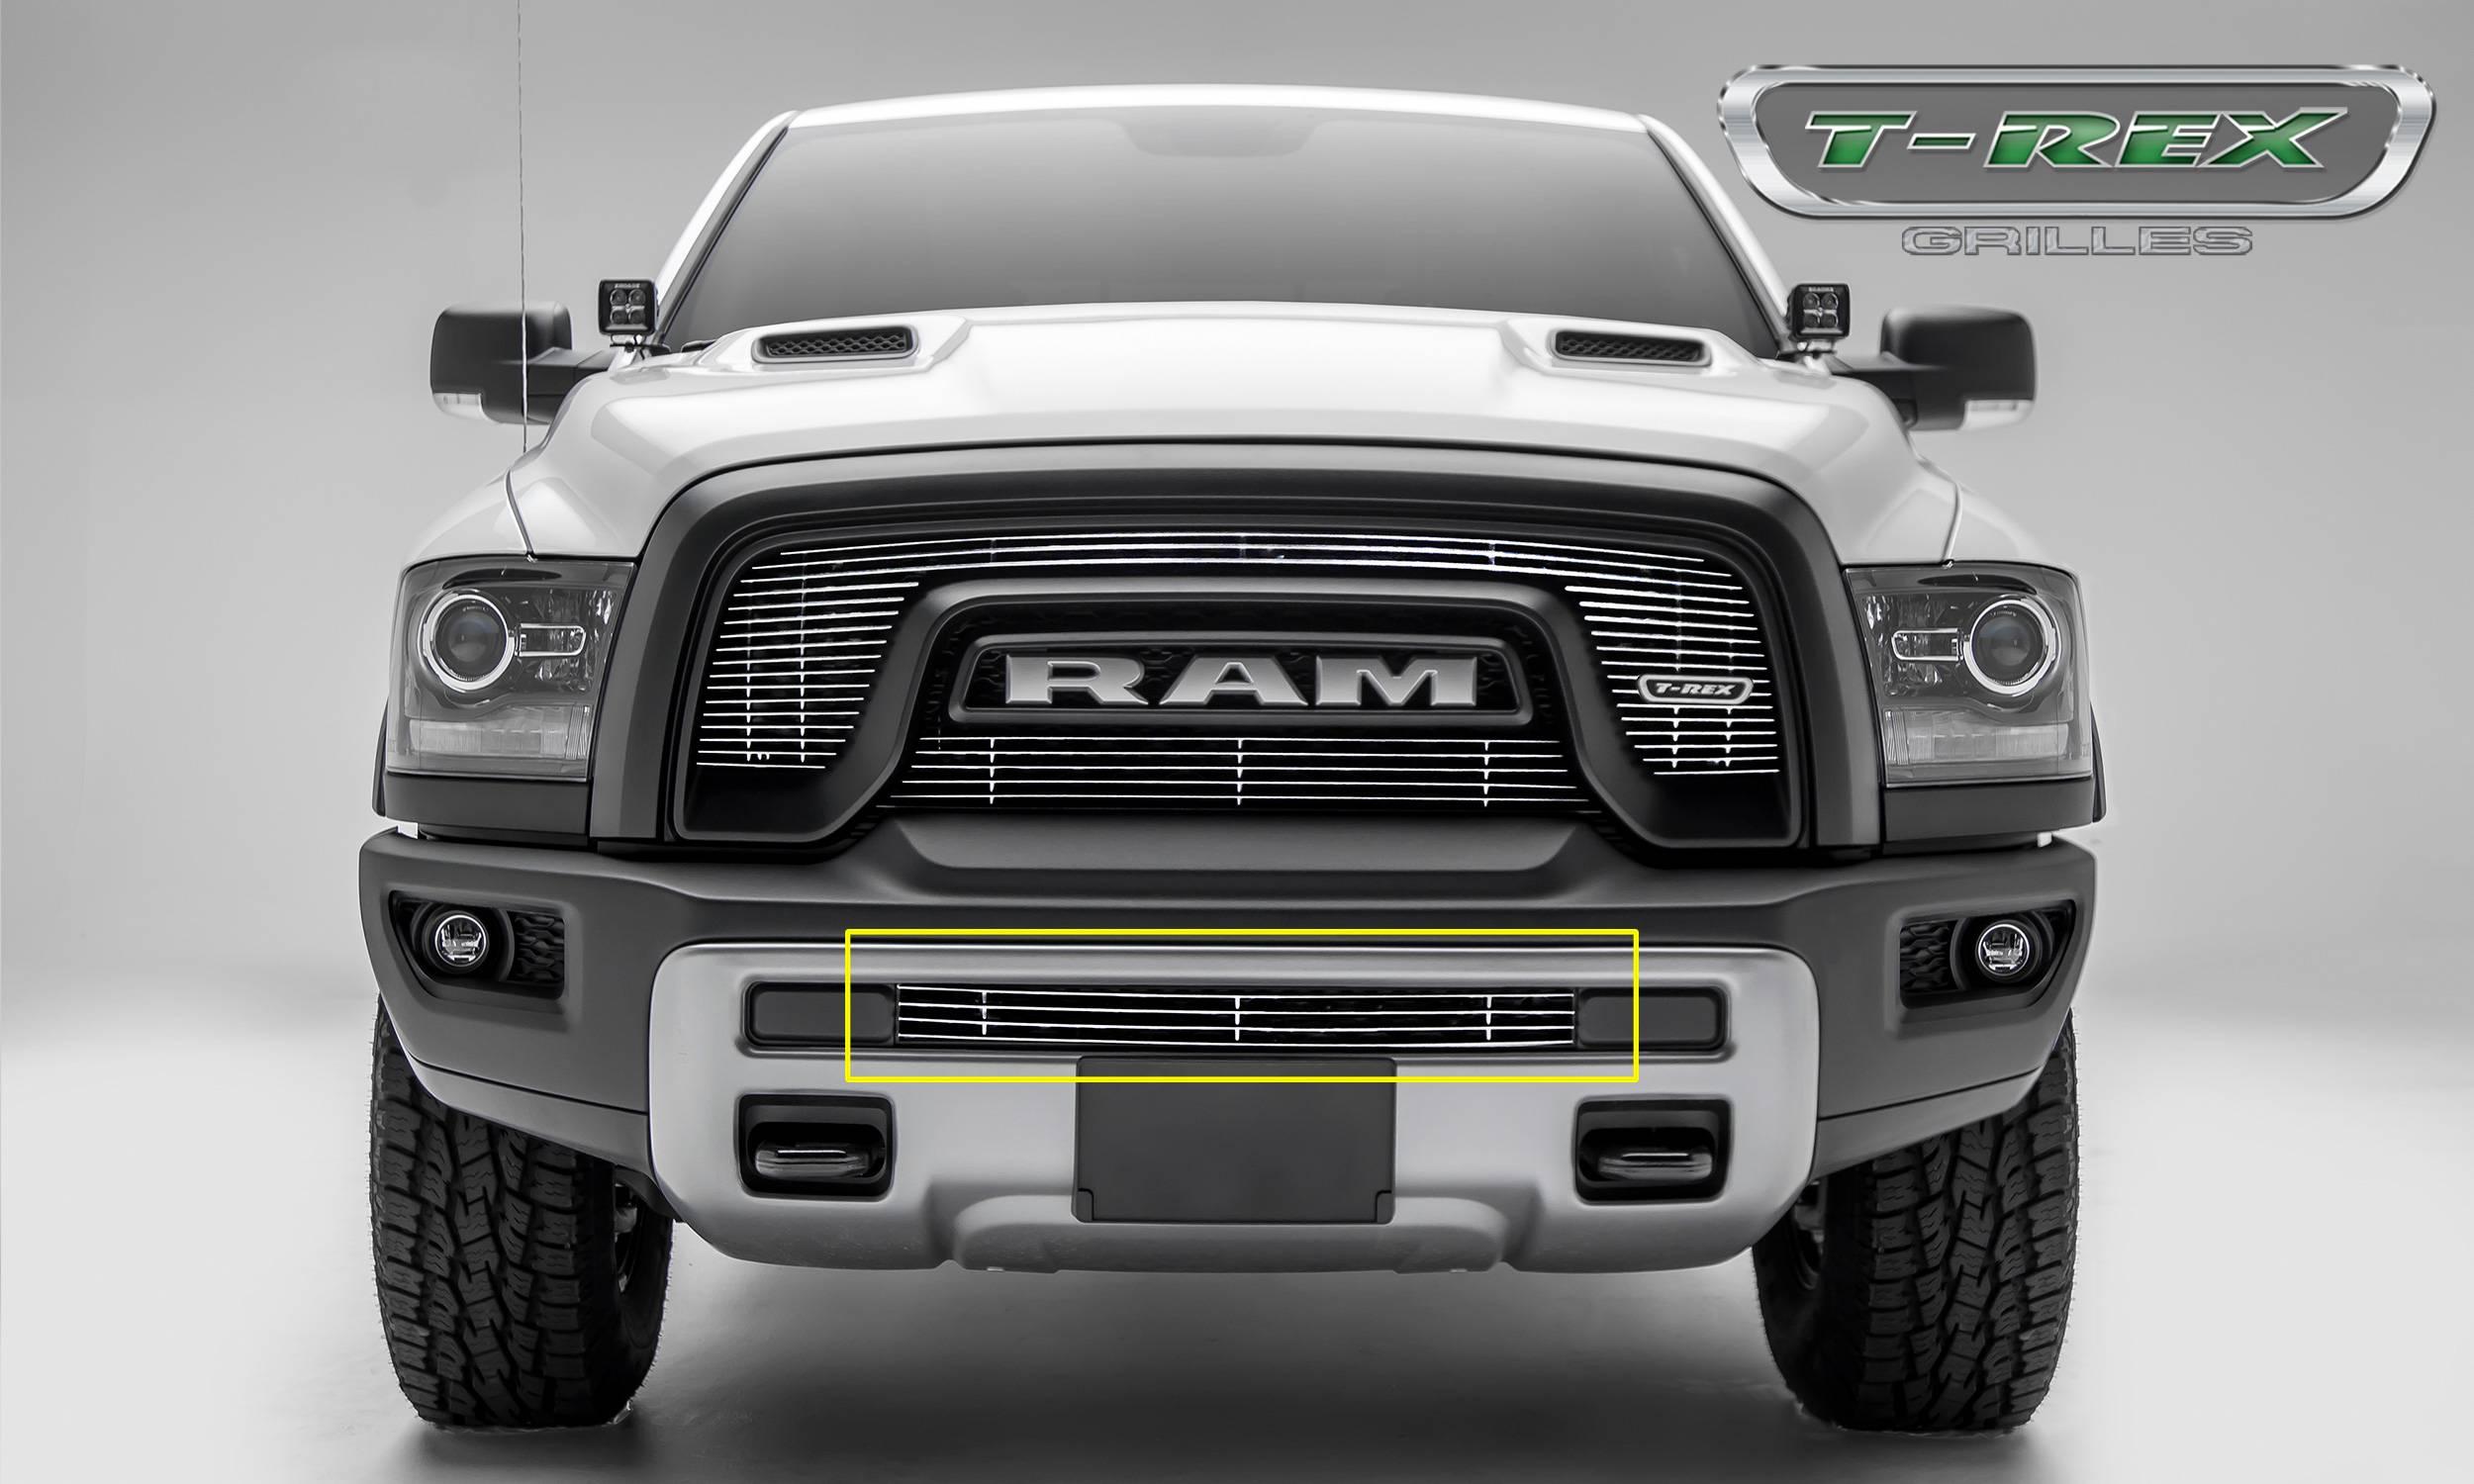 Ram 1500 Bumper >> 2015 2018 Ram 1500 Rebel Billet Bumper Grille Polished 1 Pc Insert Pn 254641